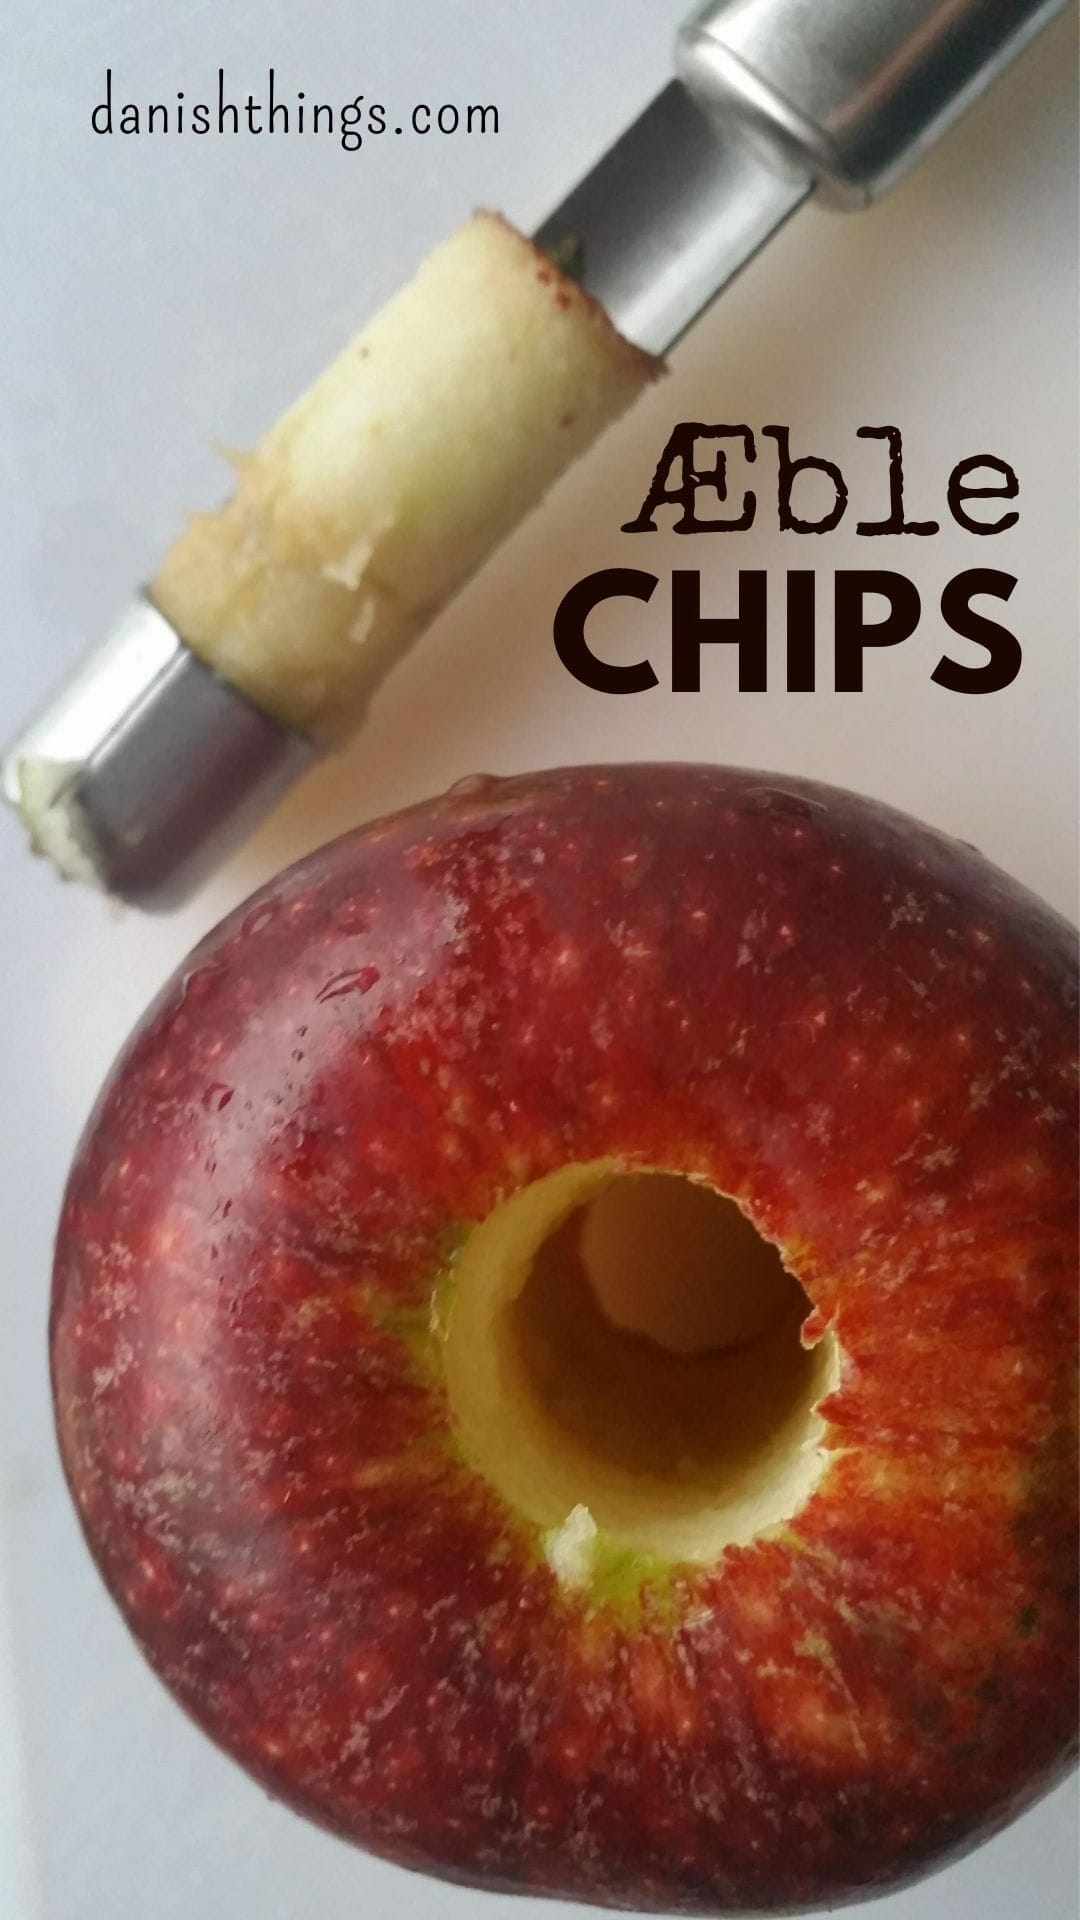 Æblechips - tørrede æbleringe i ovn eller dehydrator. Lav lækre sundere snacks af tørrede æbler. Du kan bruge din ovn, eller en dehydrator til at lave tynde chips af æblerne, eller tykkere chewy æbleringe. Find opskrifter, gratis print og inspiration til årets gang på danishthings.com #DanishThings #æblechips #æble #chips #tørrede #æbleringe #æbler #dehydrator #ovntørrede